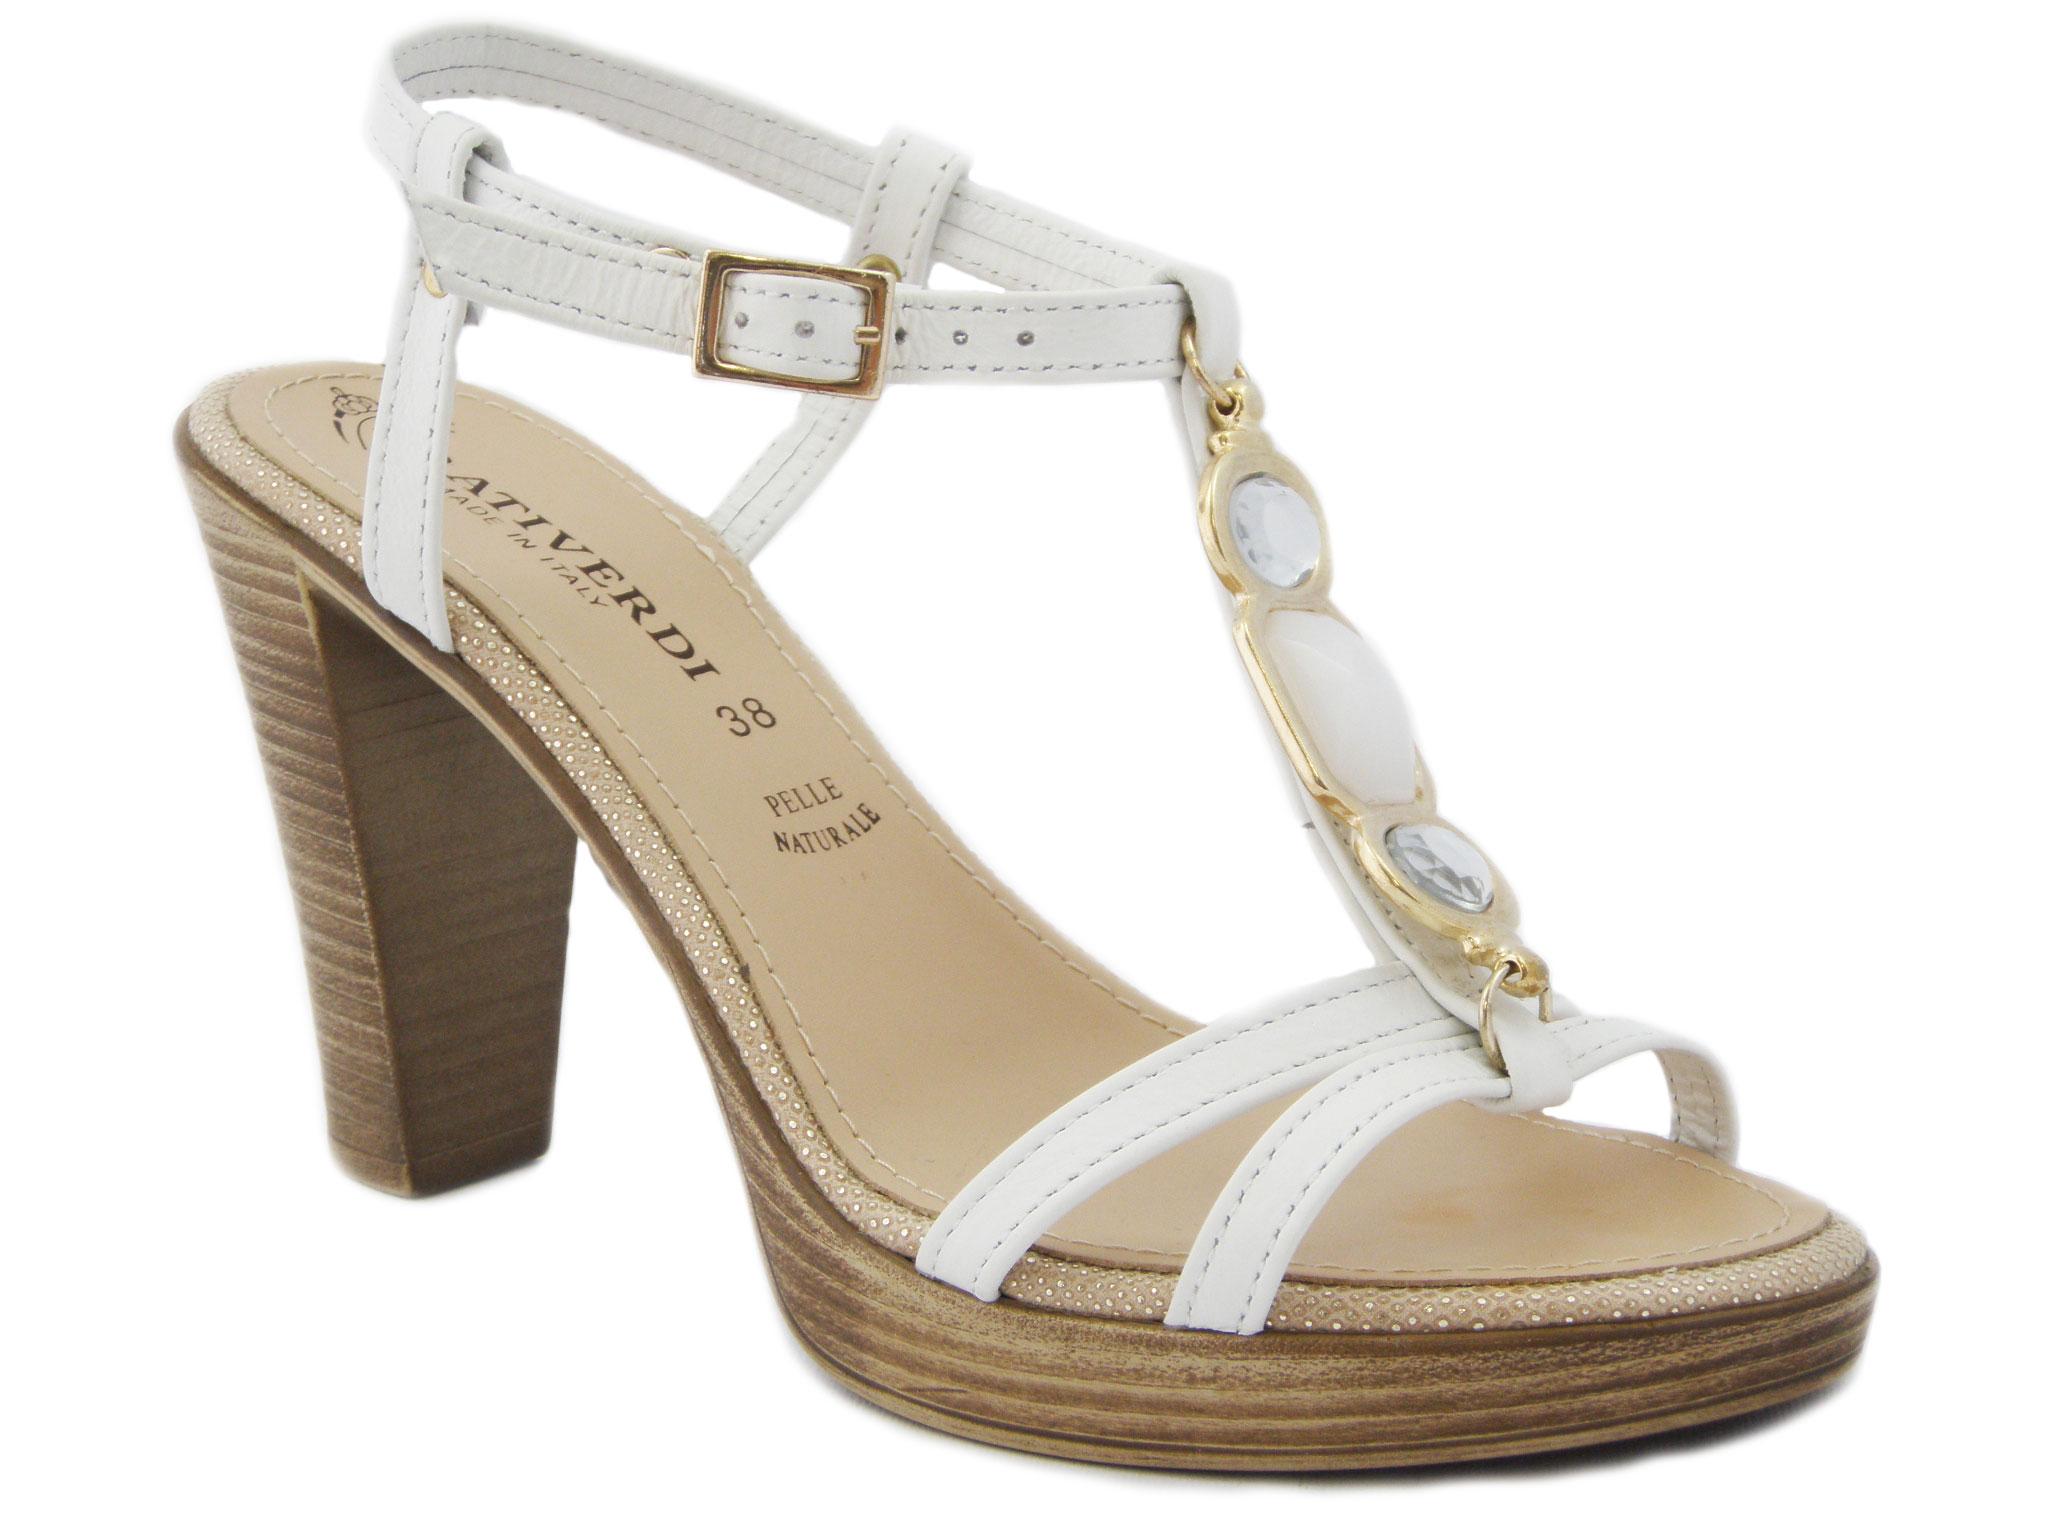 Sandalo gioiello con accessorio in metallo e pietre color BIANCO oro -  TACCO 10cM. e plateau 1 f55edd64708